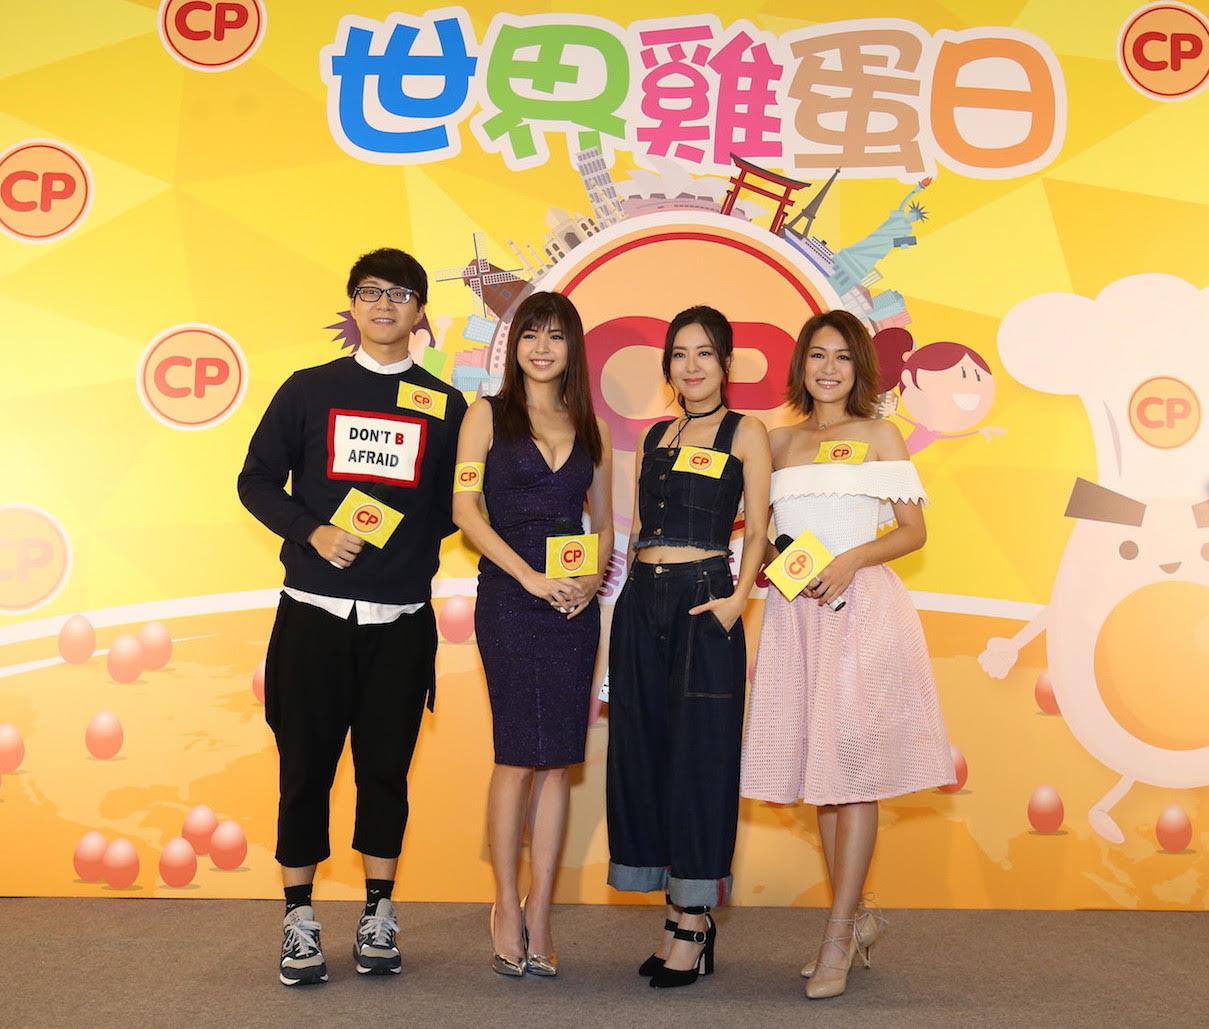 坤哥、秀文、唐詩詠和嘉琪出席嘉年華,與現場觀眾玩遊戲送禮物。(公關公司提供)